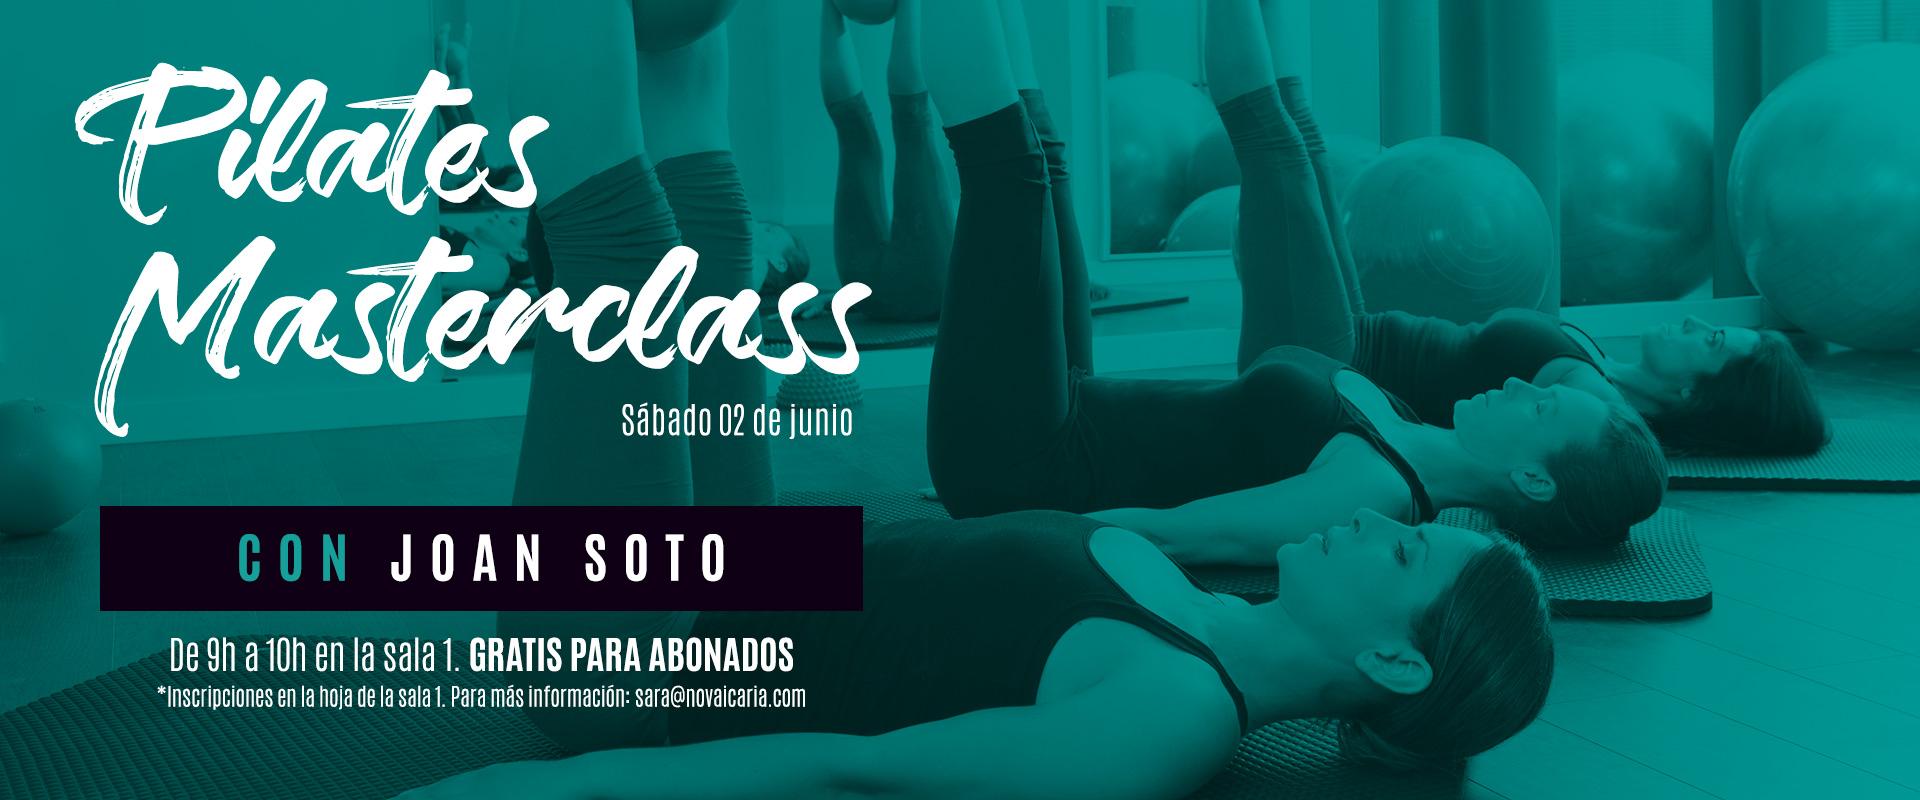 01_NOVAICARIA_Slide_PilatesMasterclass_CAST